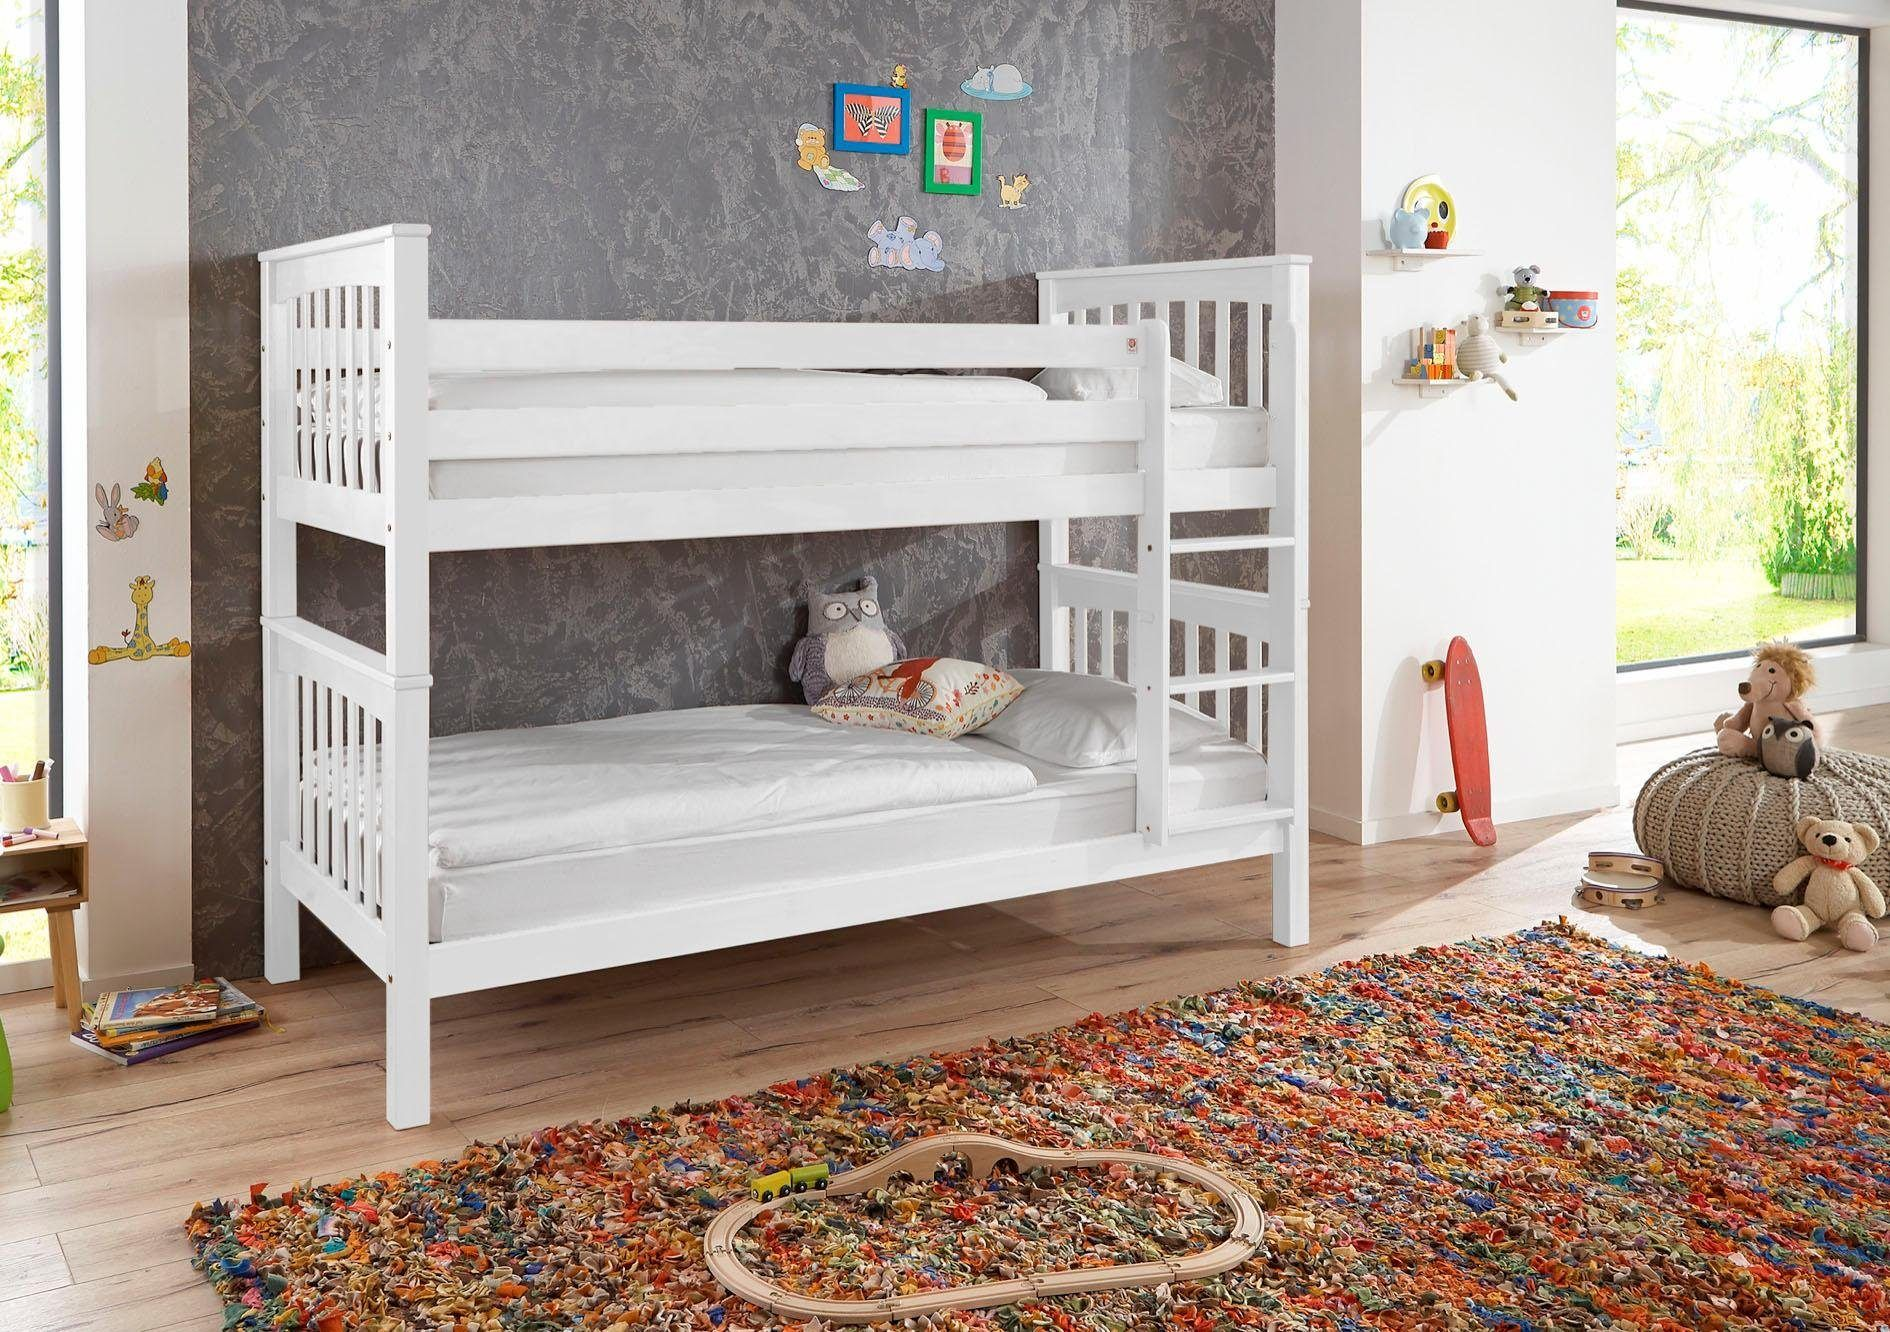 Ticaa Etagenbett Rene Weiß : Pin von ladendirekt auf kinderbetten pinterest etagenbett